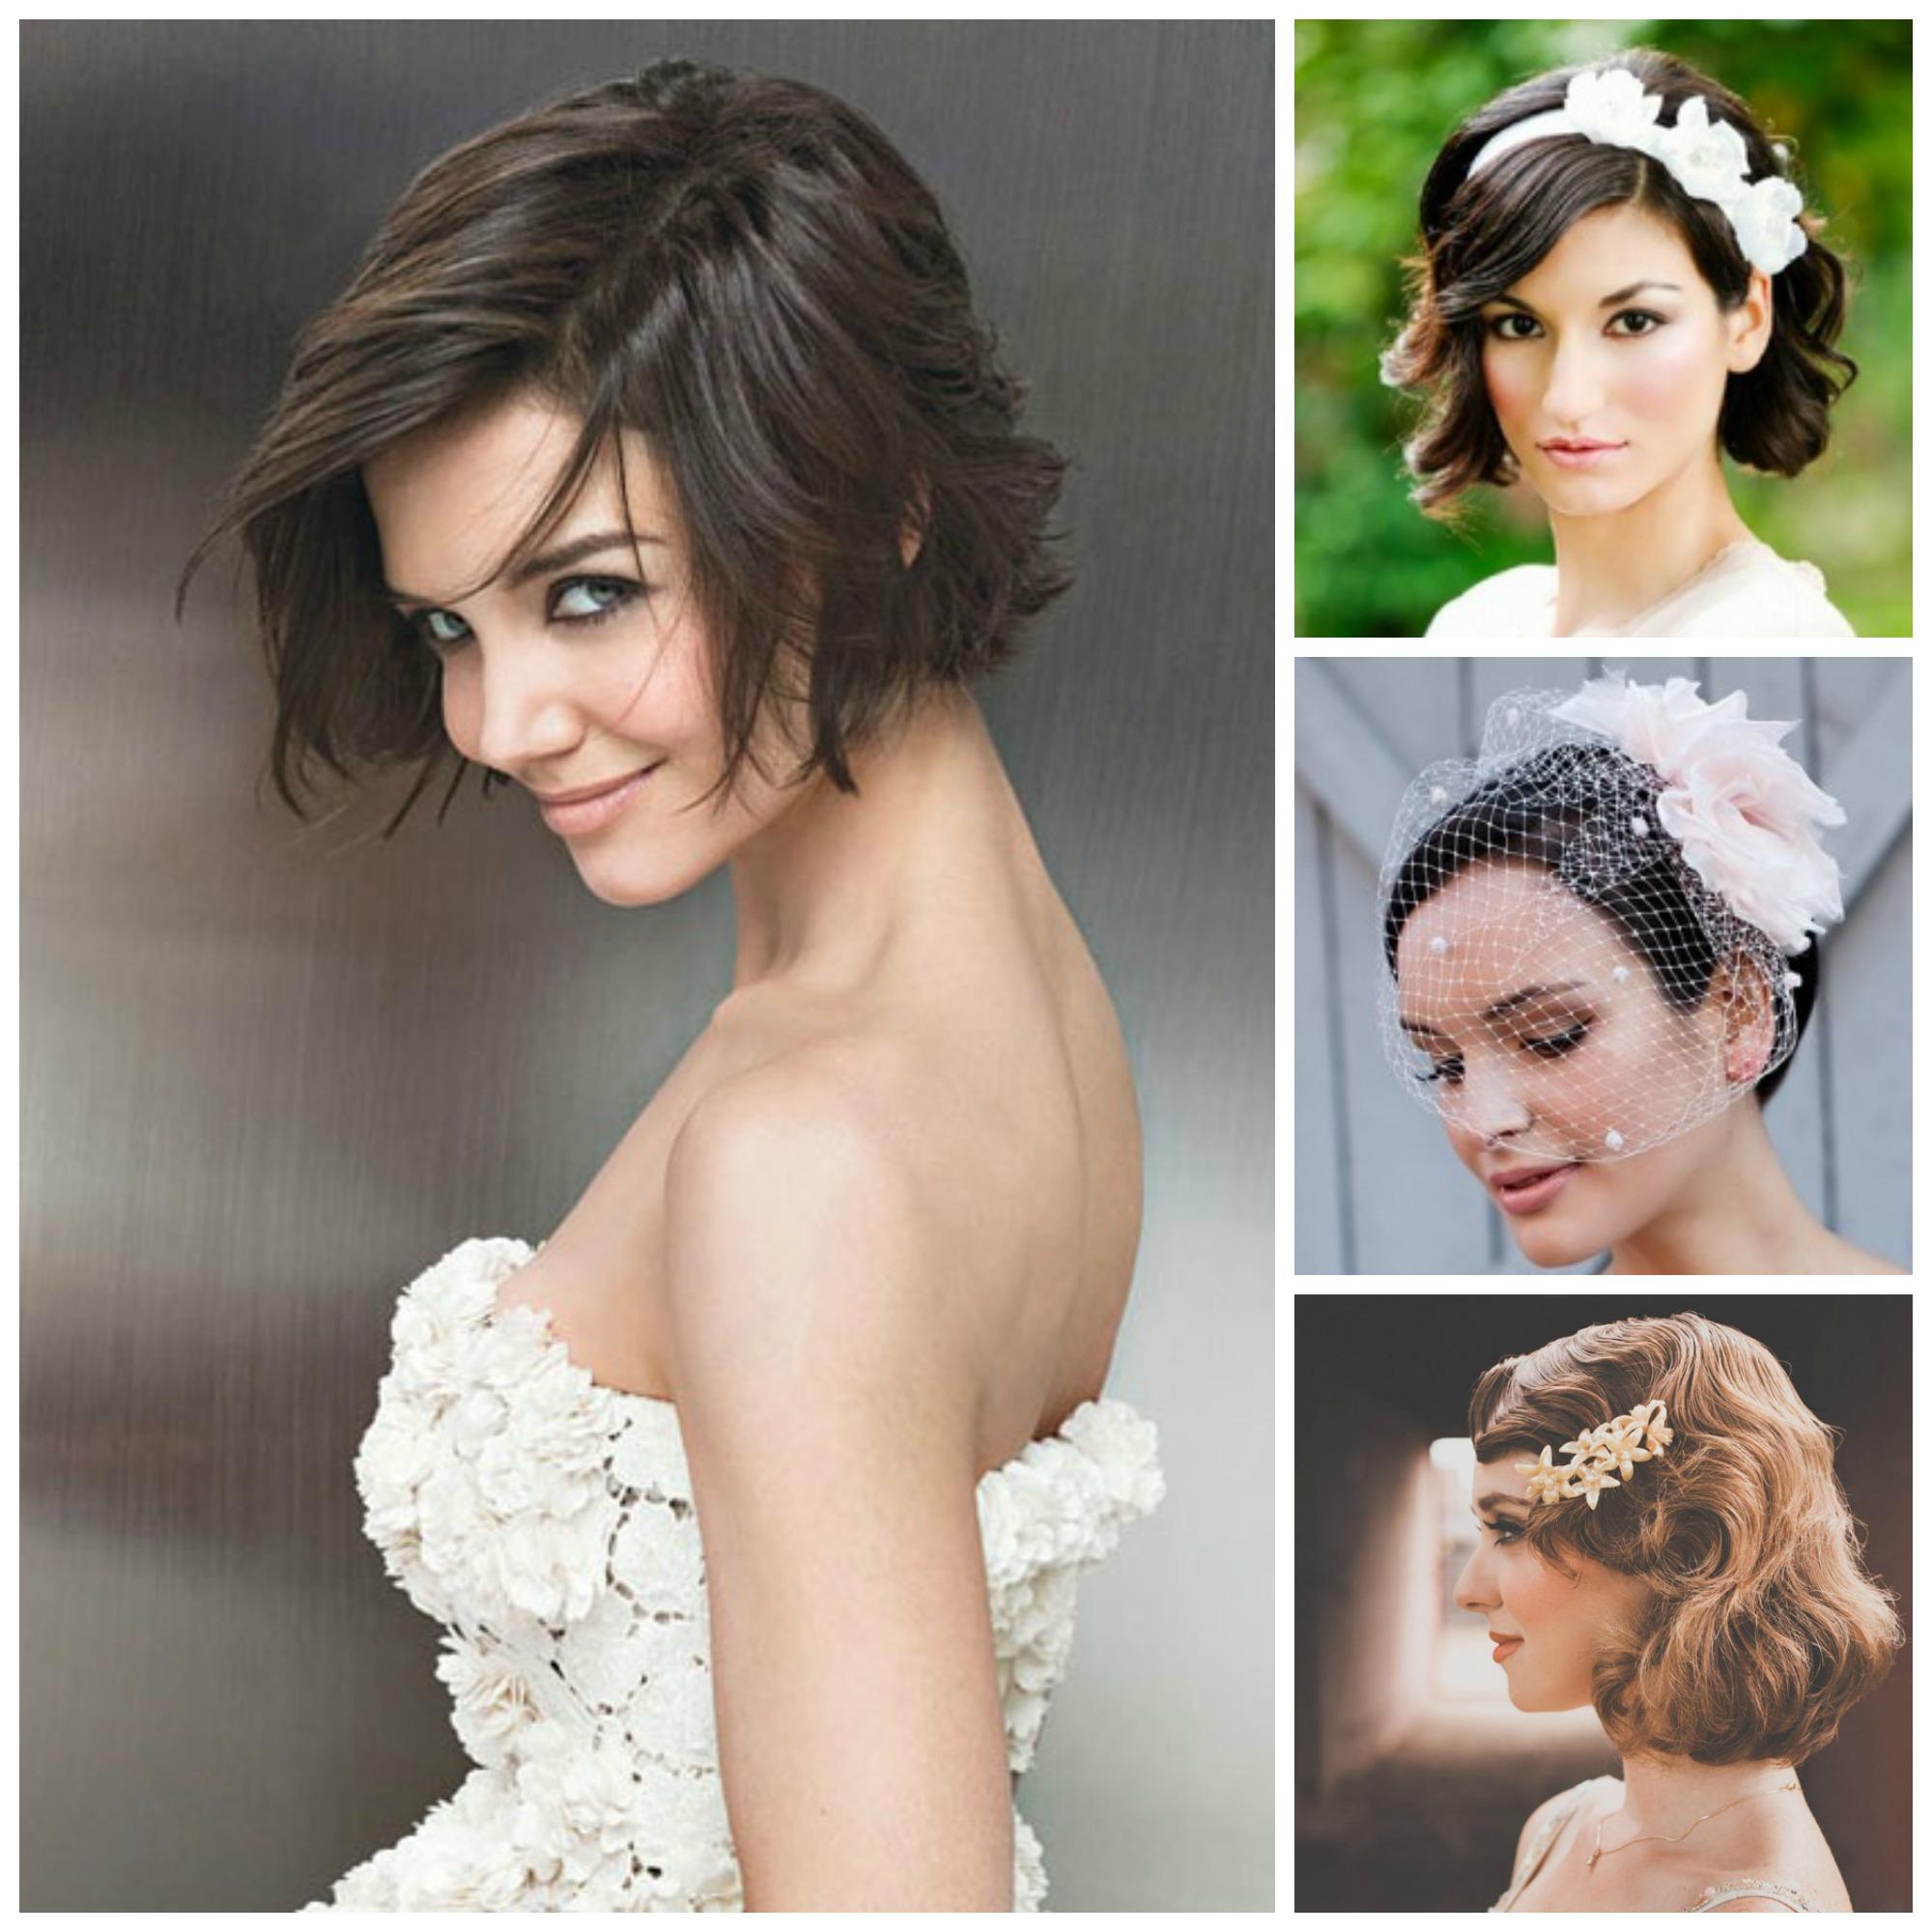 Как уложить короткие волосы на свадьбу к подруге фото